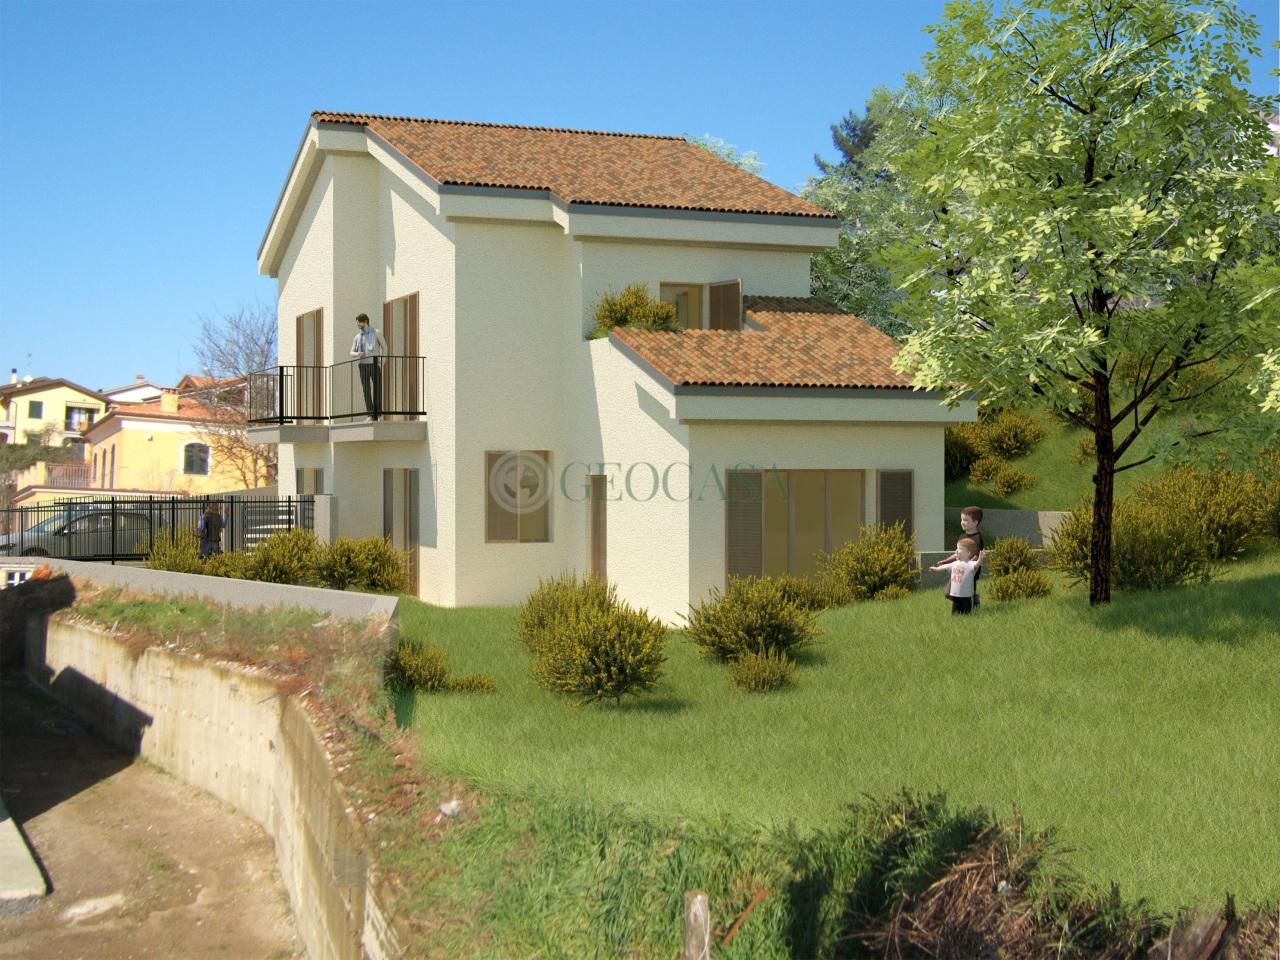 Terreno Edificabile Residenziale in vendita a Riccò del Golfo di Spezia, 9999 locali, prezzo € 60.000   PortaleAgenzieImmobiliari.it